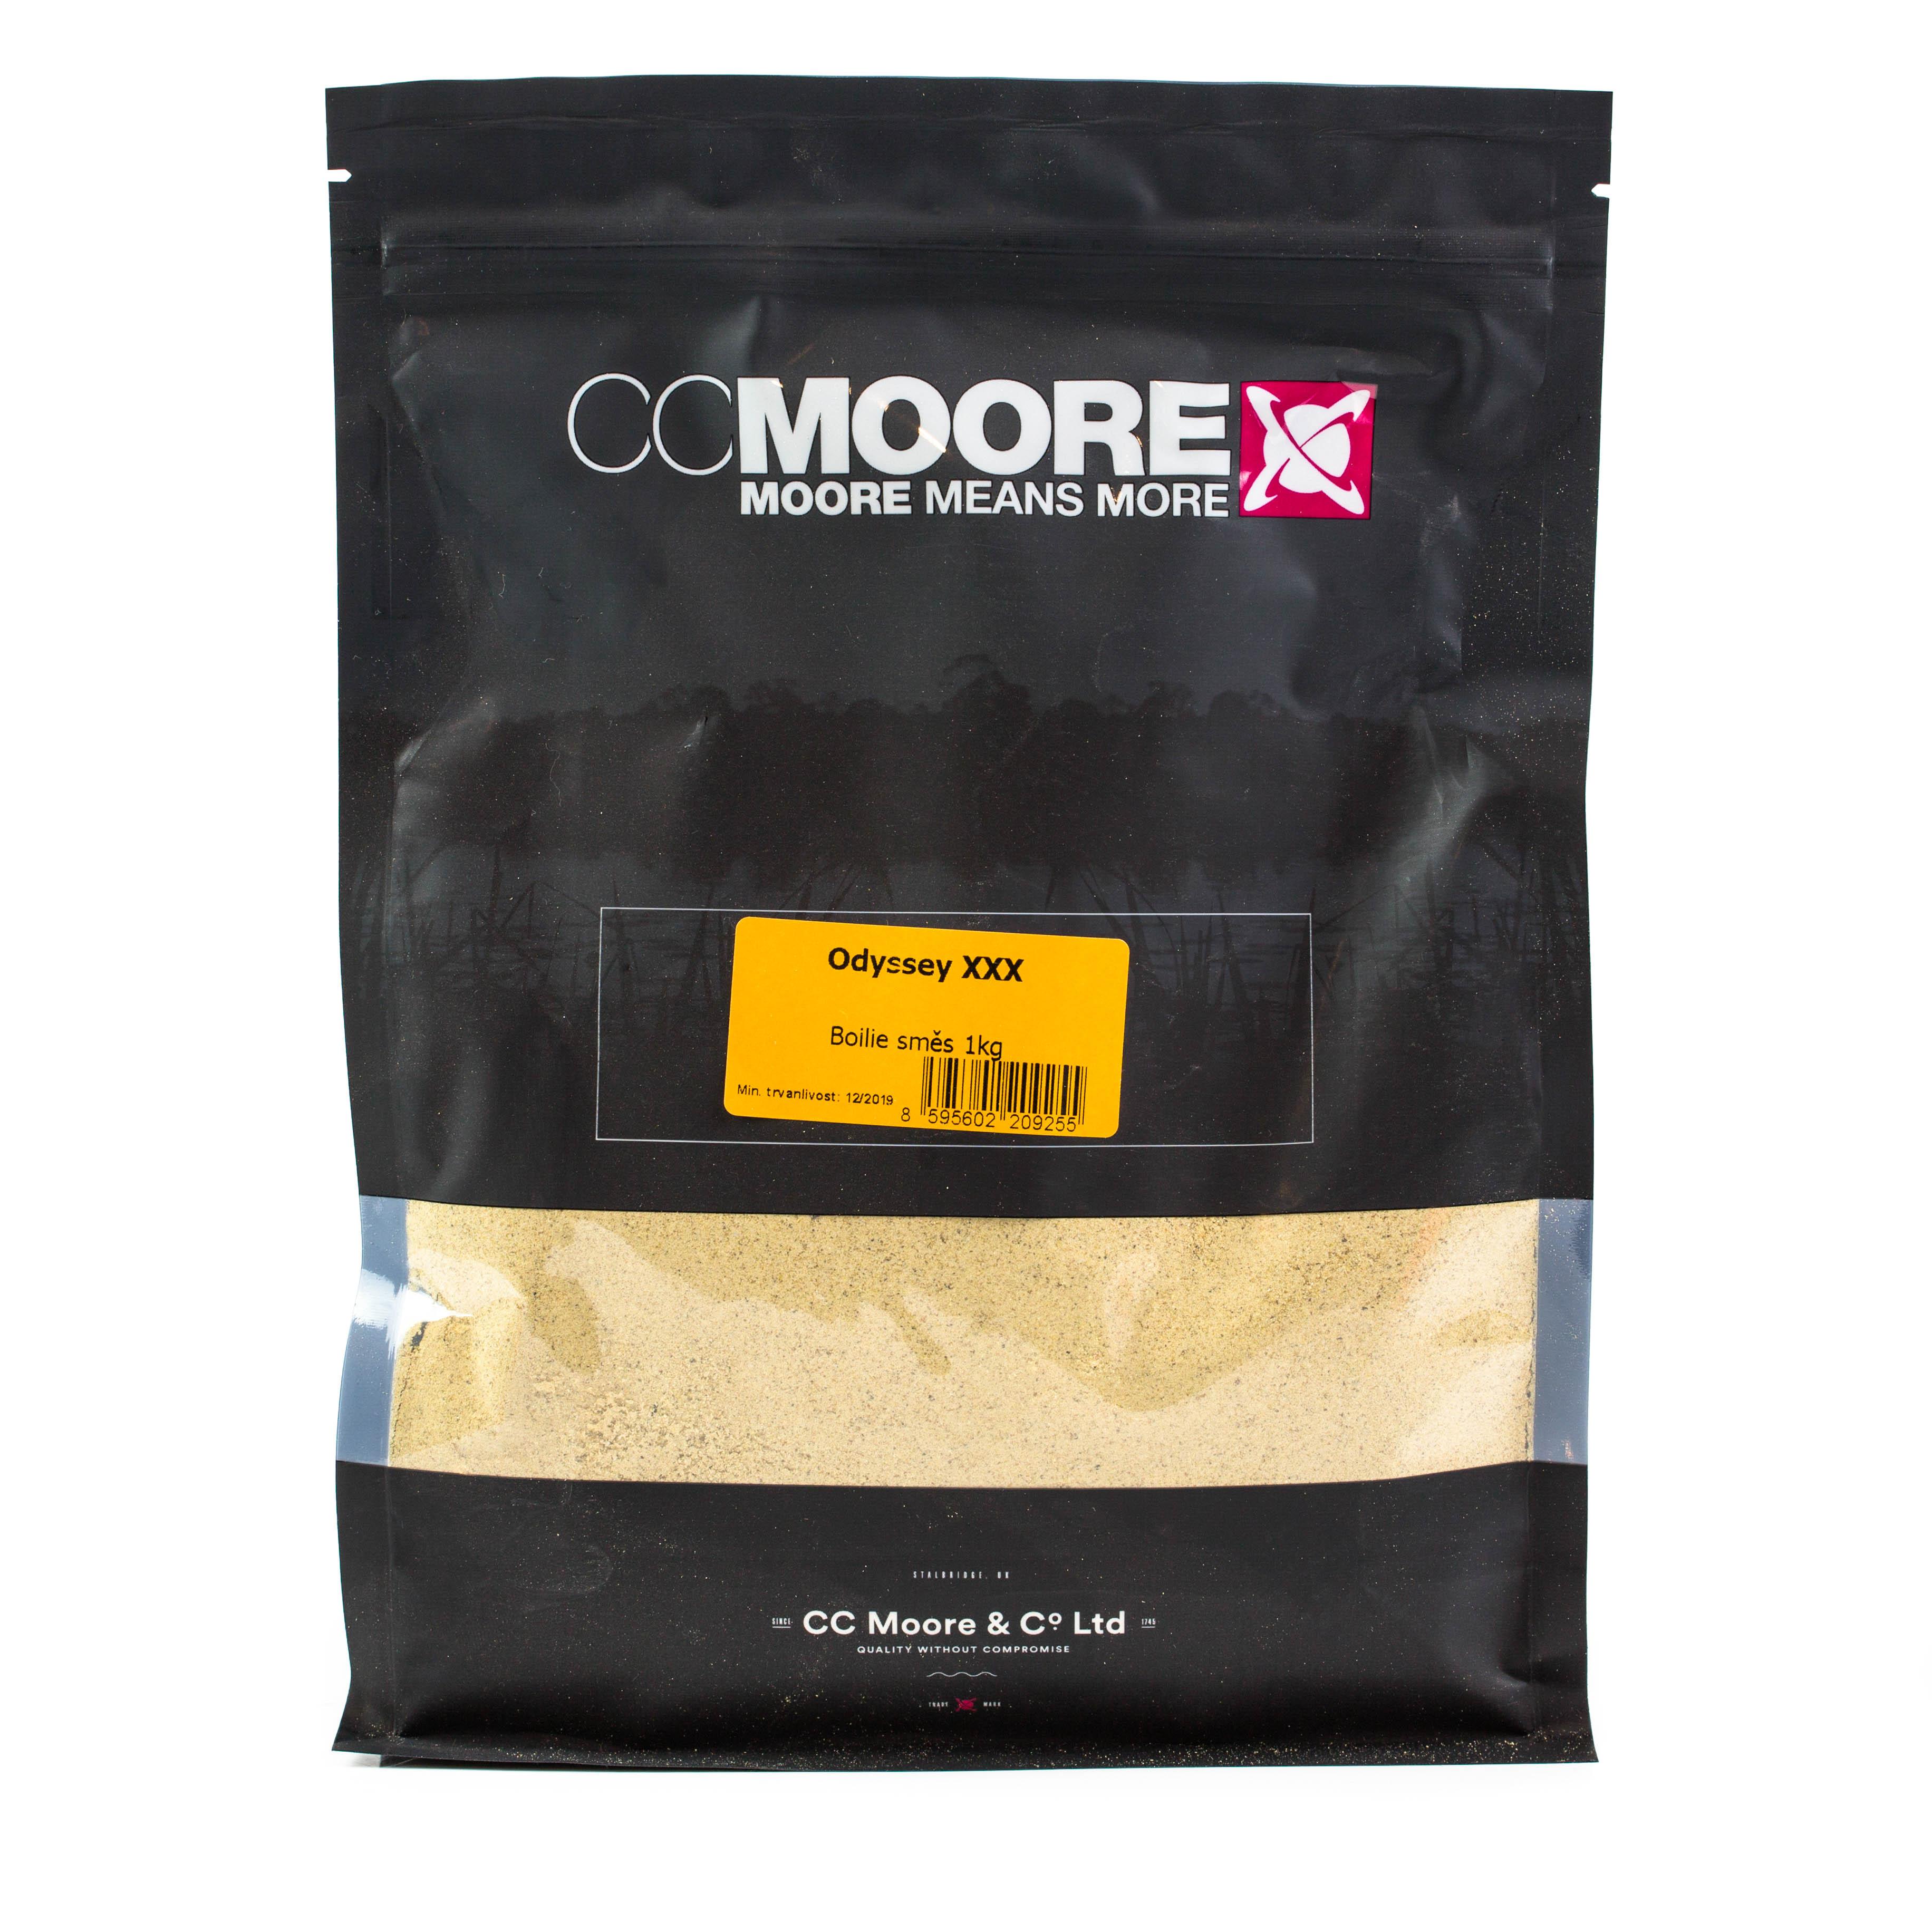 CC Moore Odyssey XXX - Boilie směs 5kg